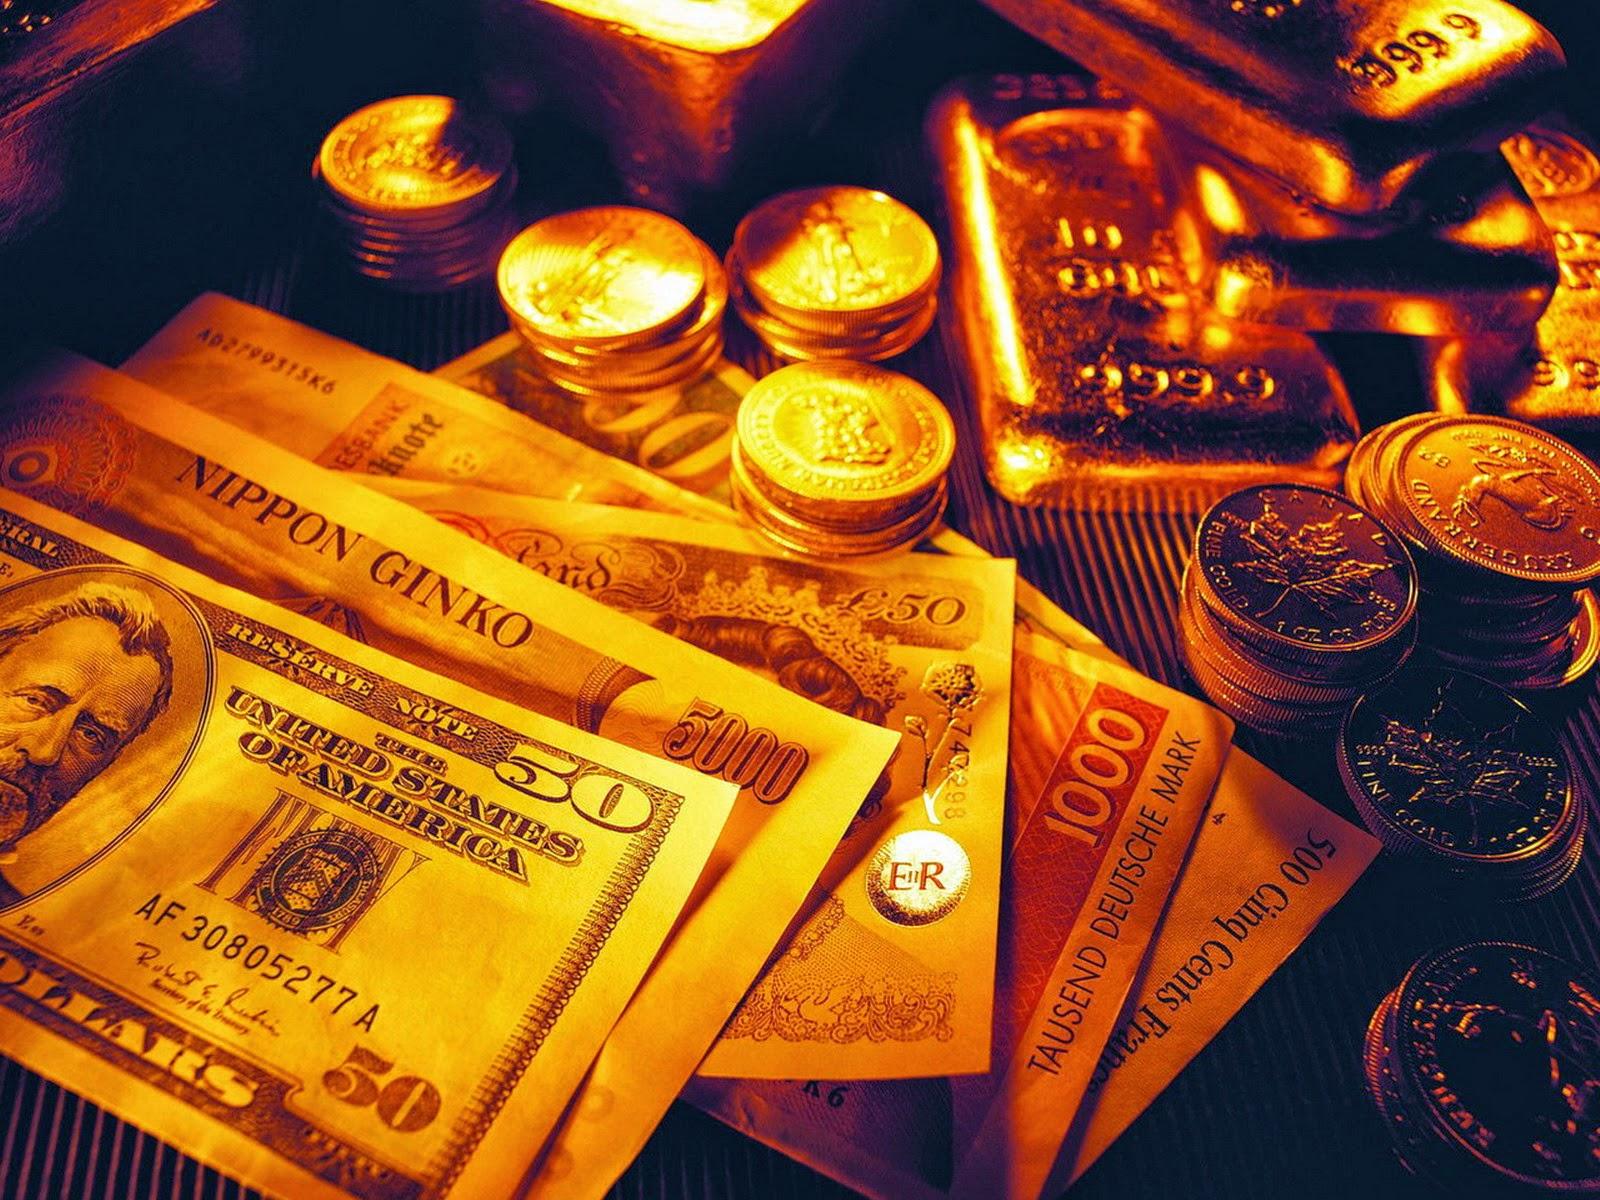 سعر الدولار في مصر اليوم الخميس 3-4-2014 , اسعار الدولار في السوق السوداء